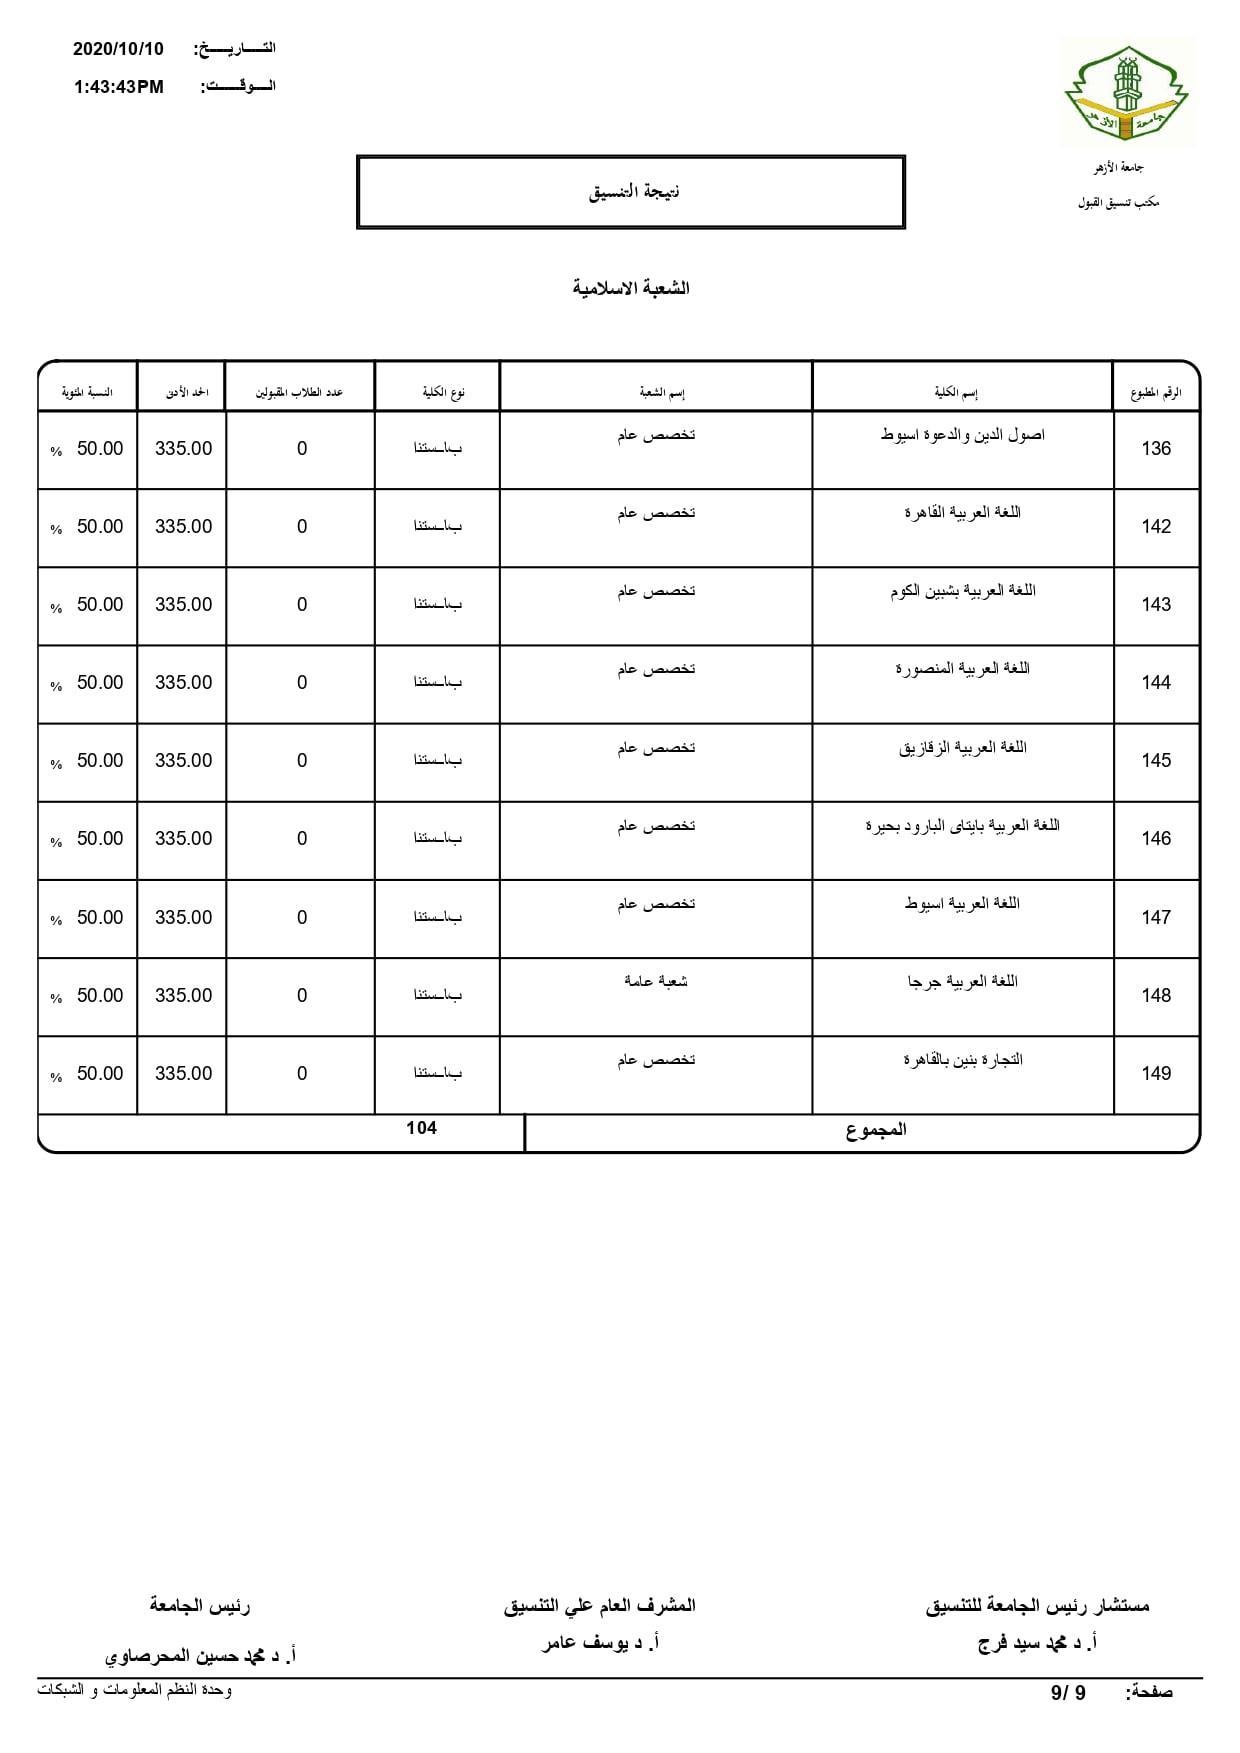 نتيجة تنسيق كليات جامعة الأزهر لعام 2020 بالكامل 20201010195950354